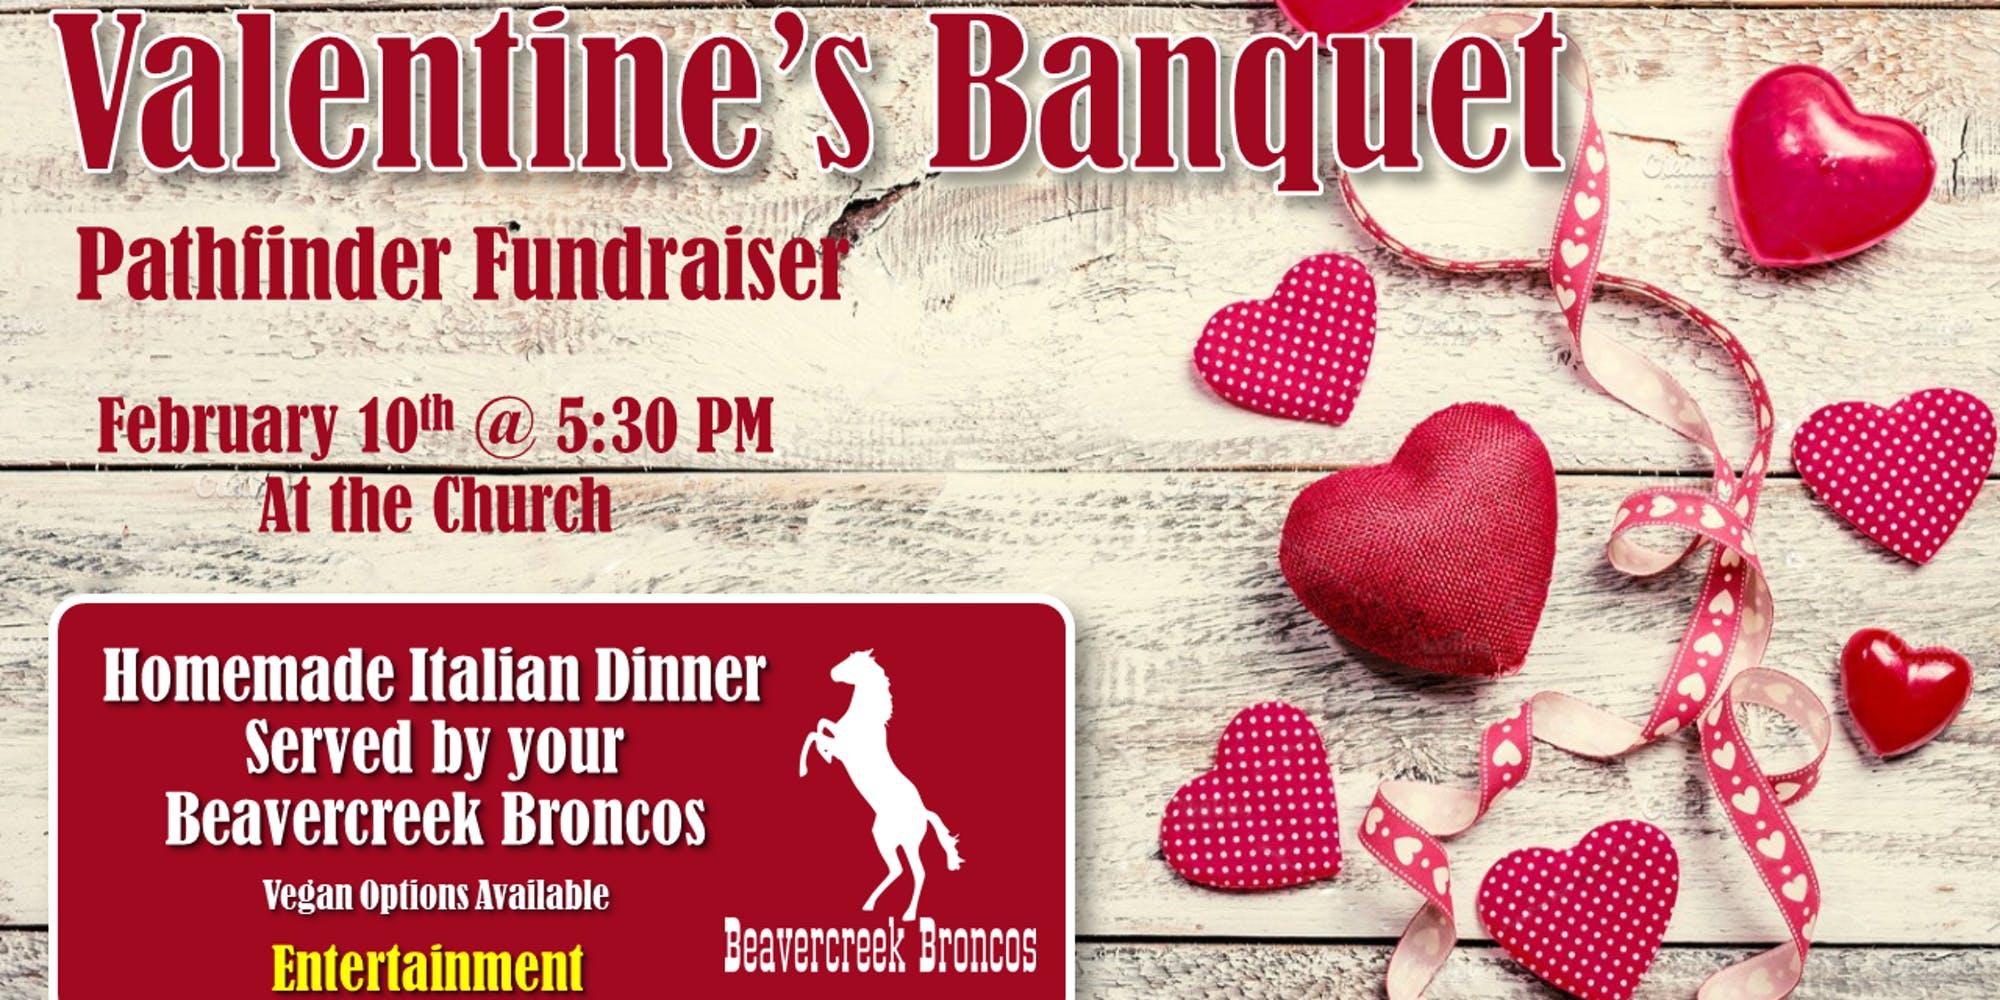 Valentine's Banquet – Pathfinder Fundraiser